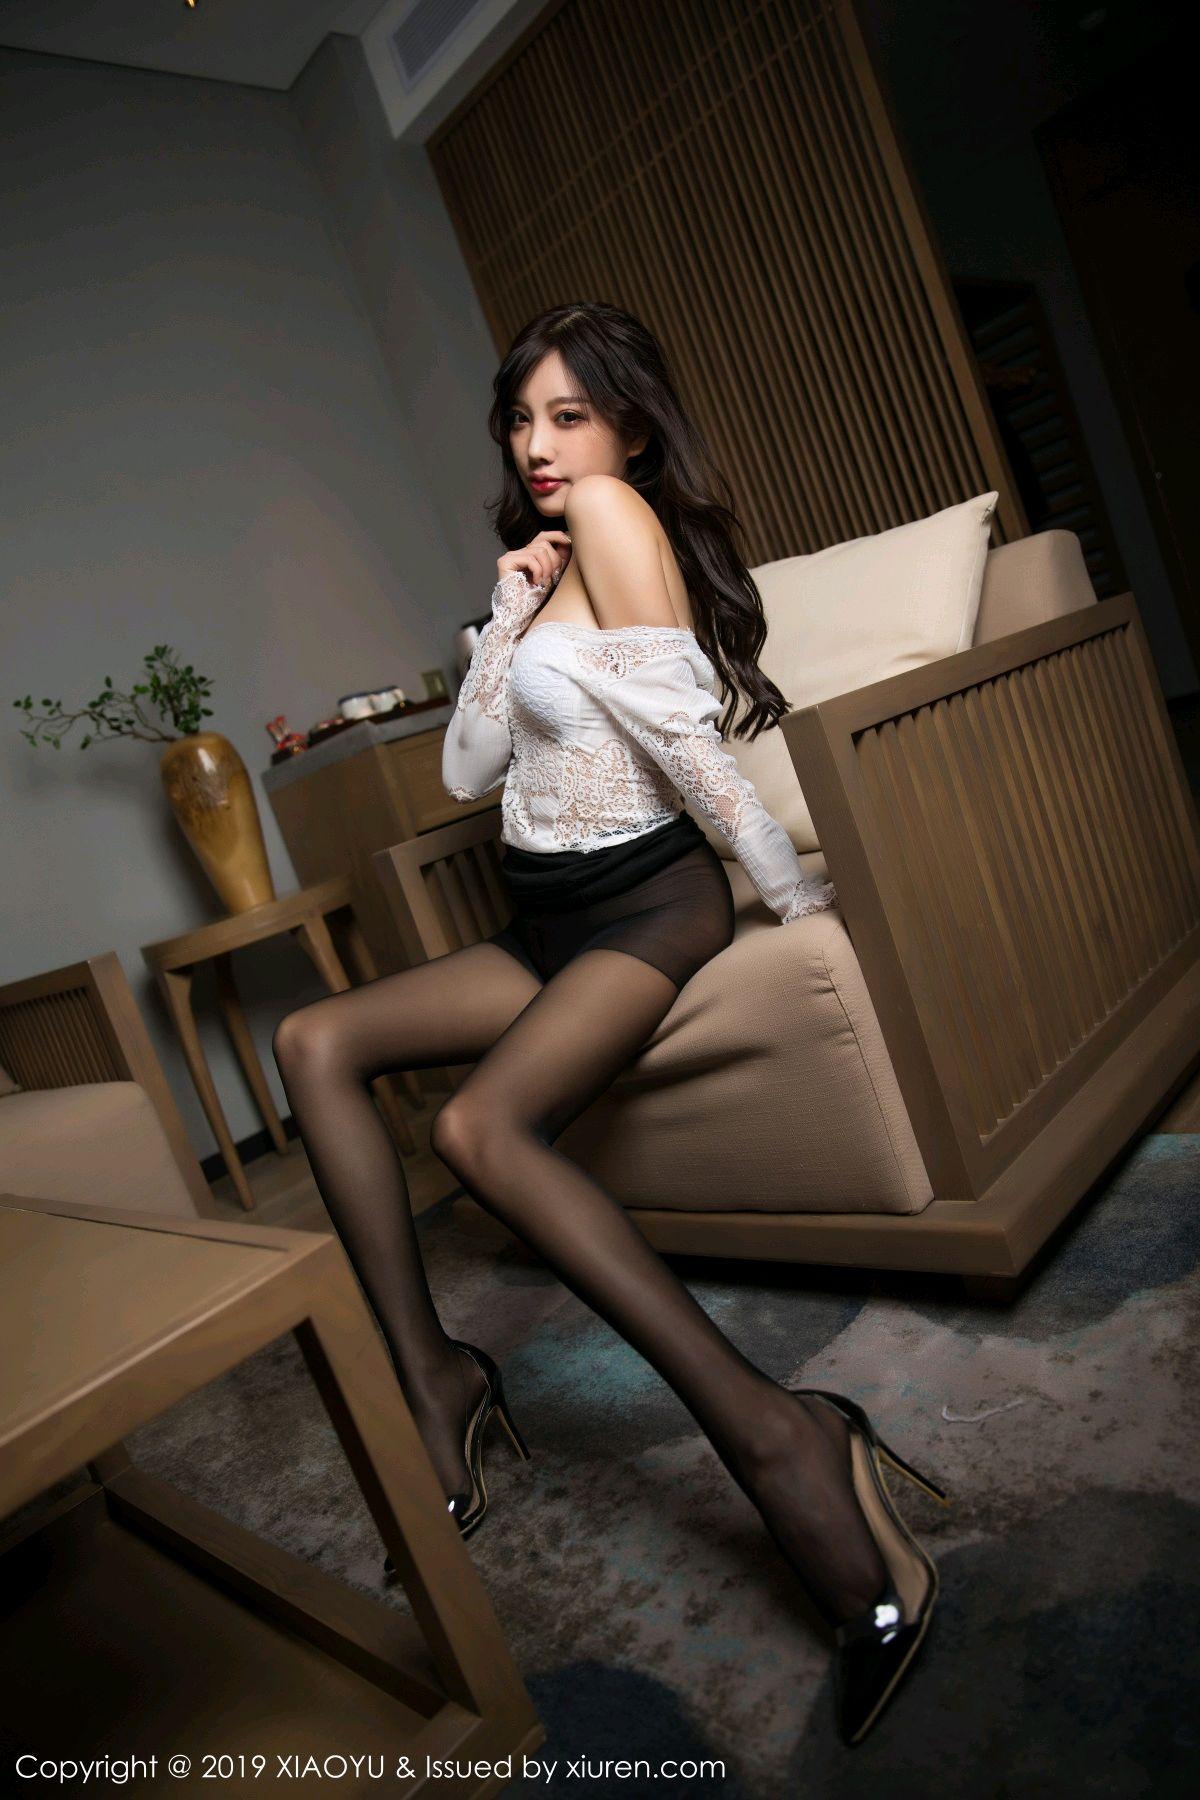 [XiaoYu] Vol.048 Yang Chen Chen 33P, Black Silk, Tall, XiaoYu, Yang Chen Chen